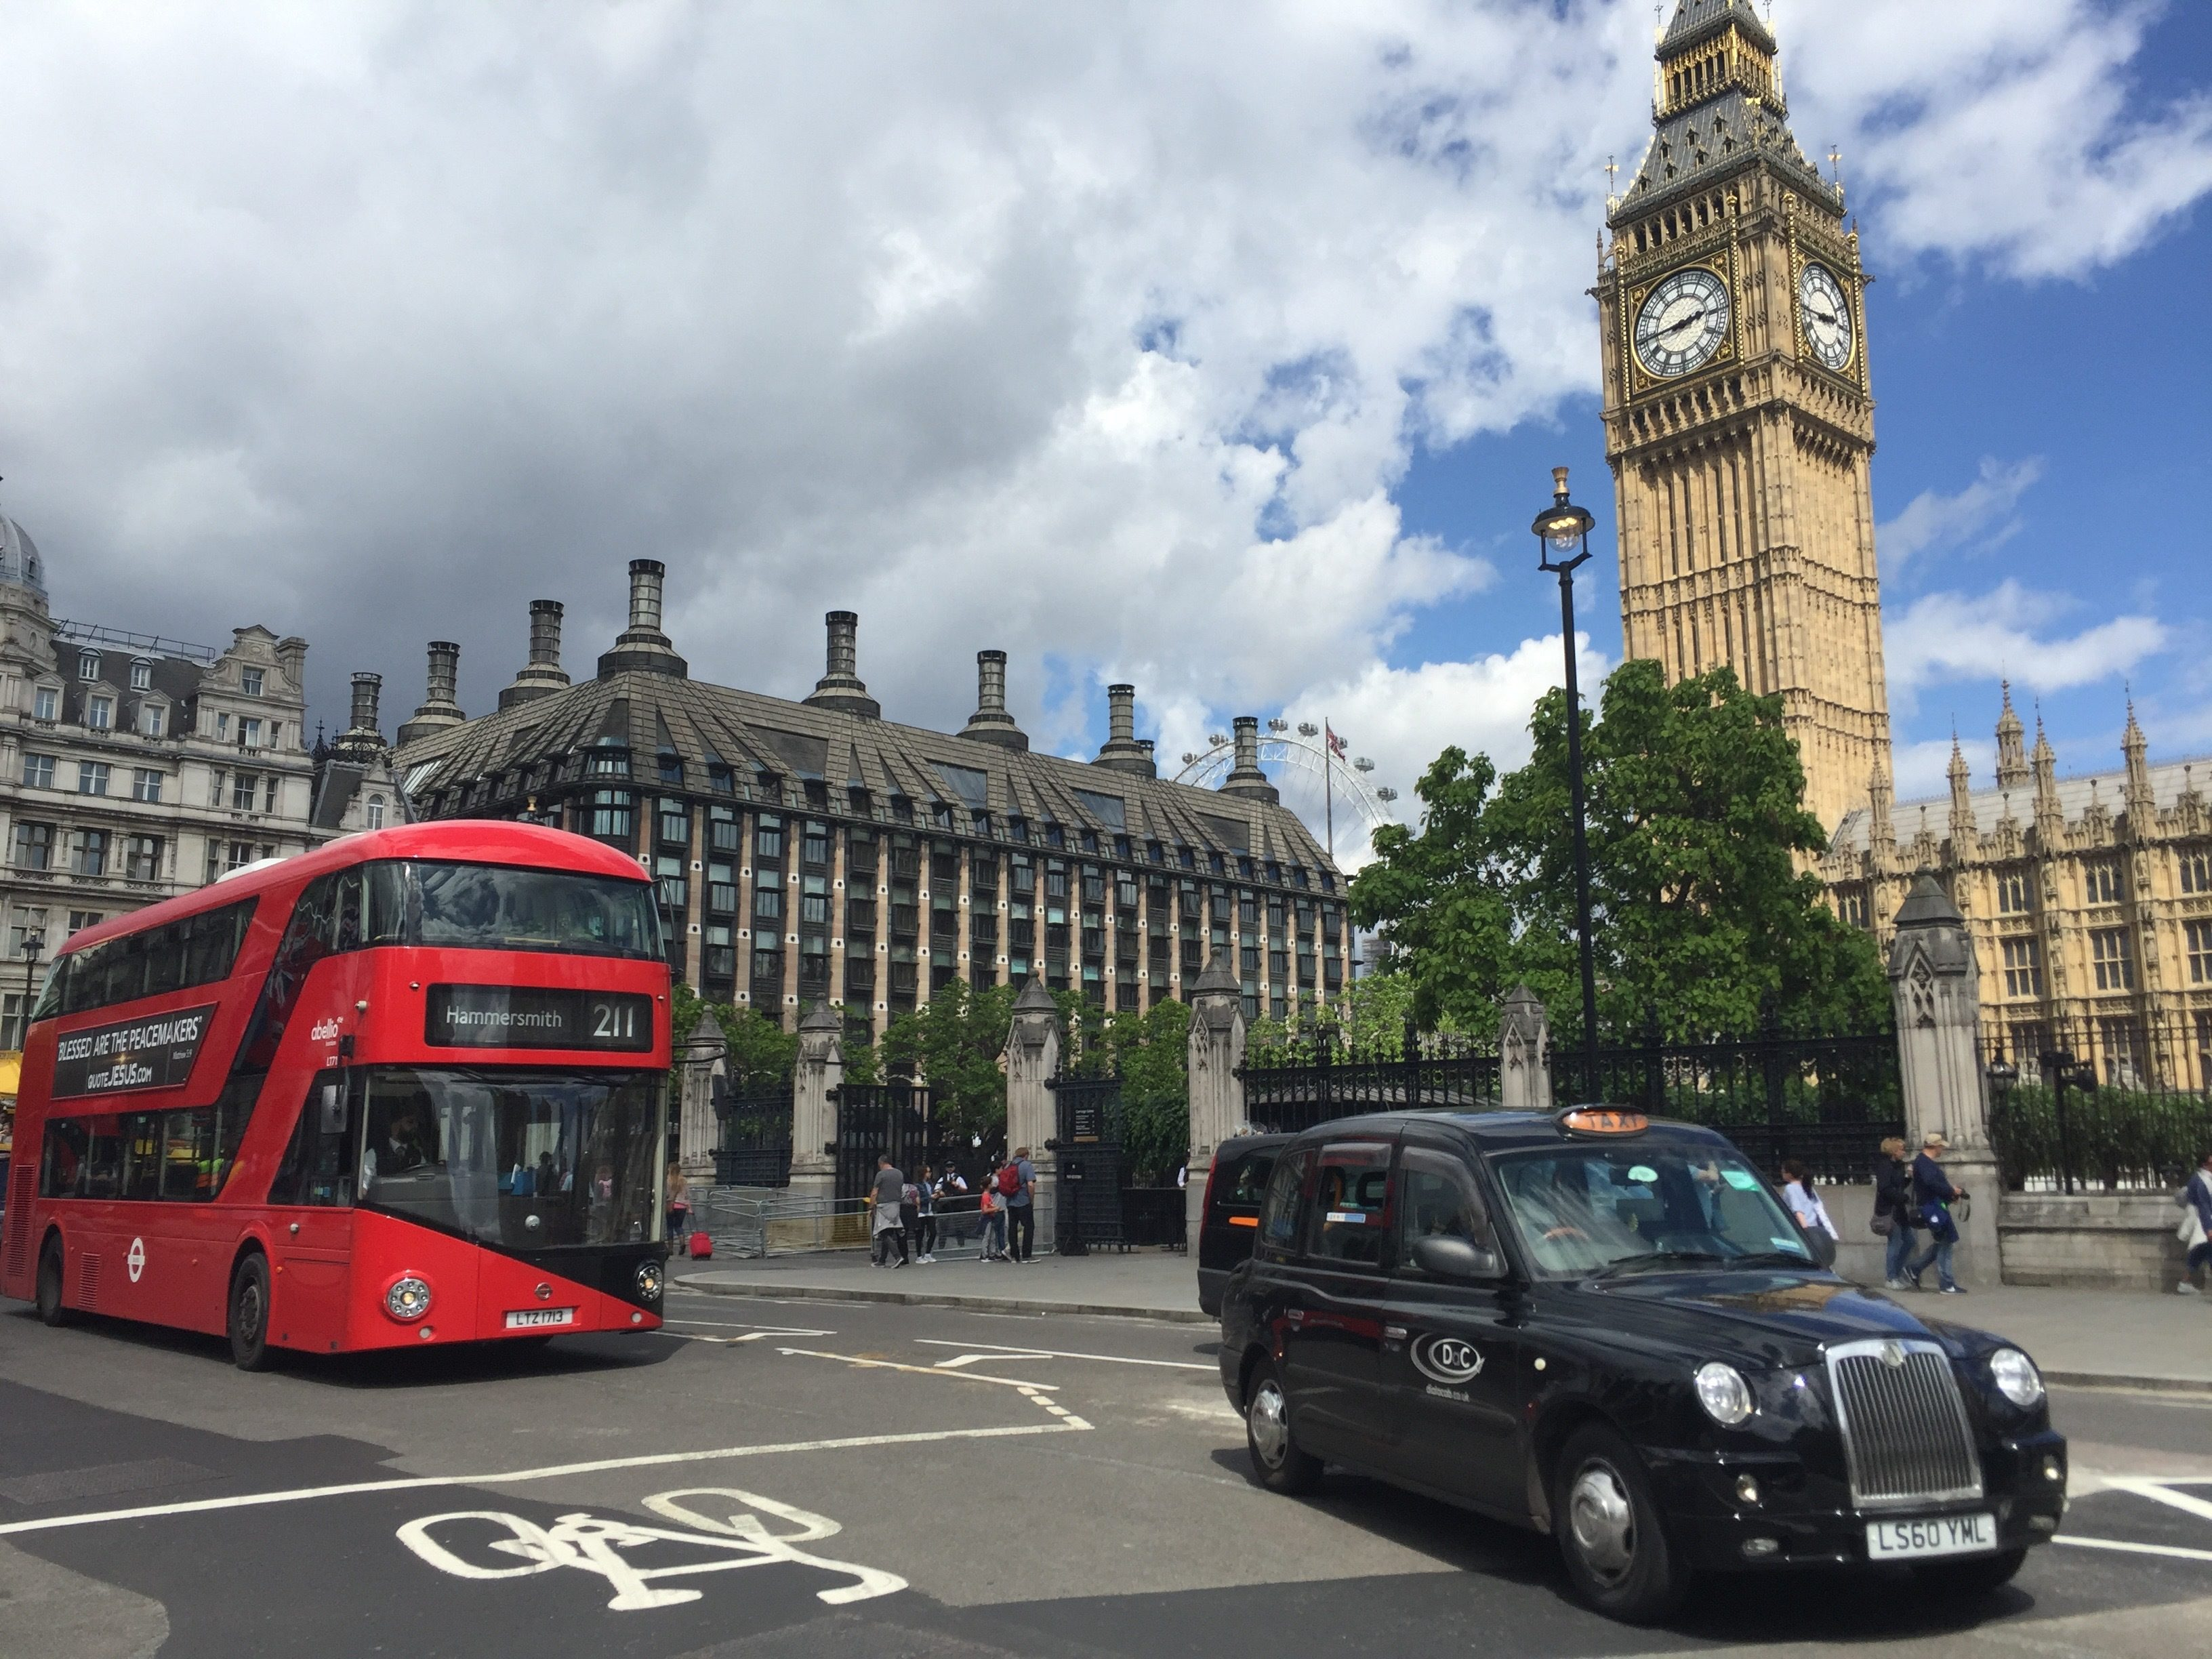 Londonclassic